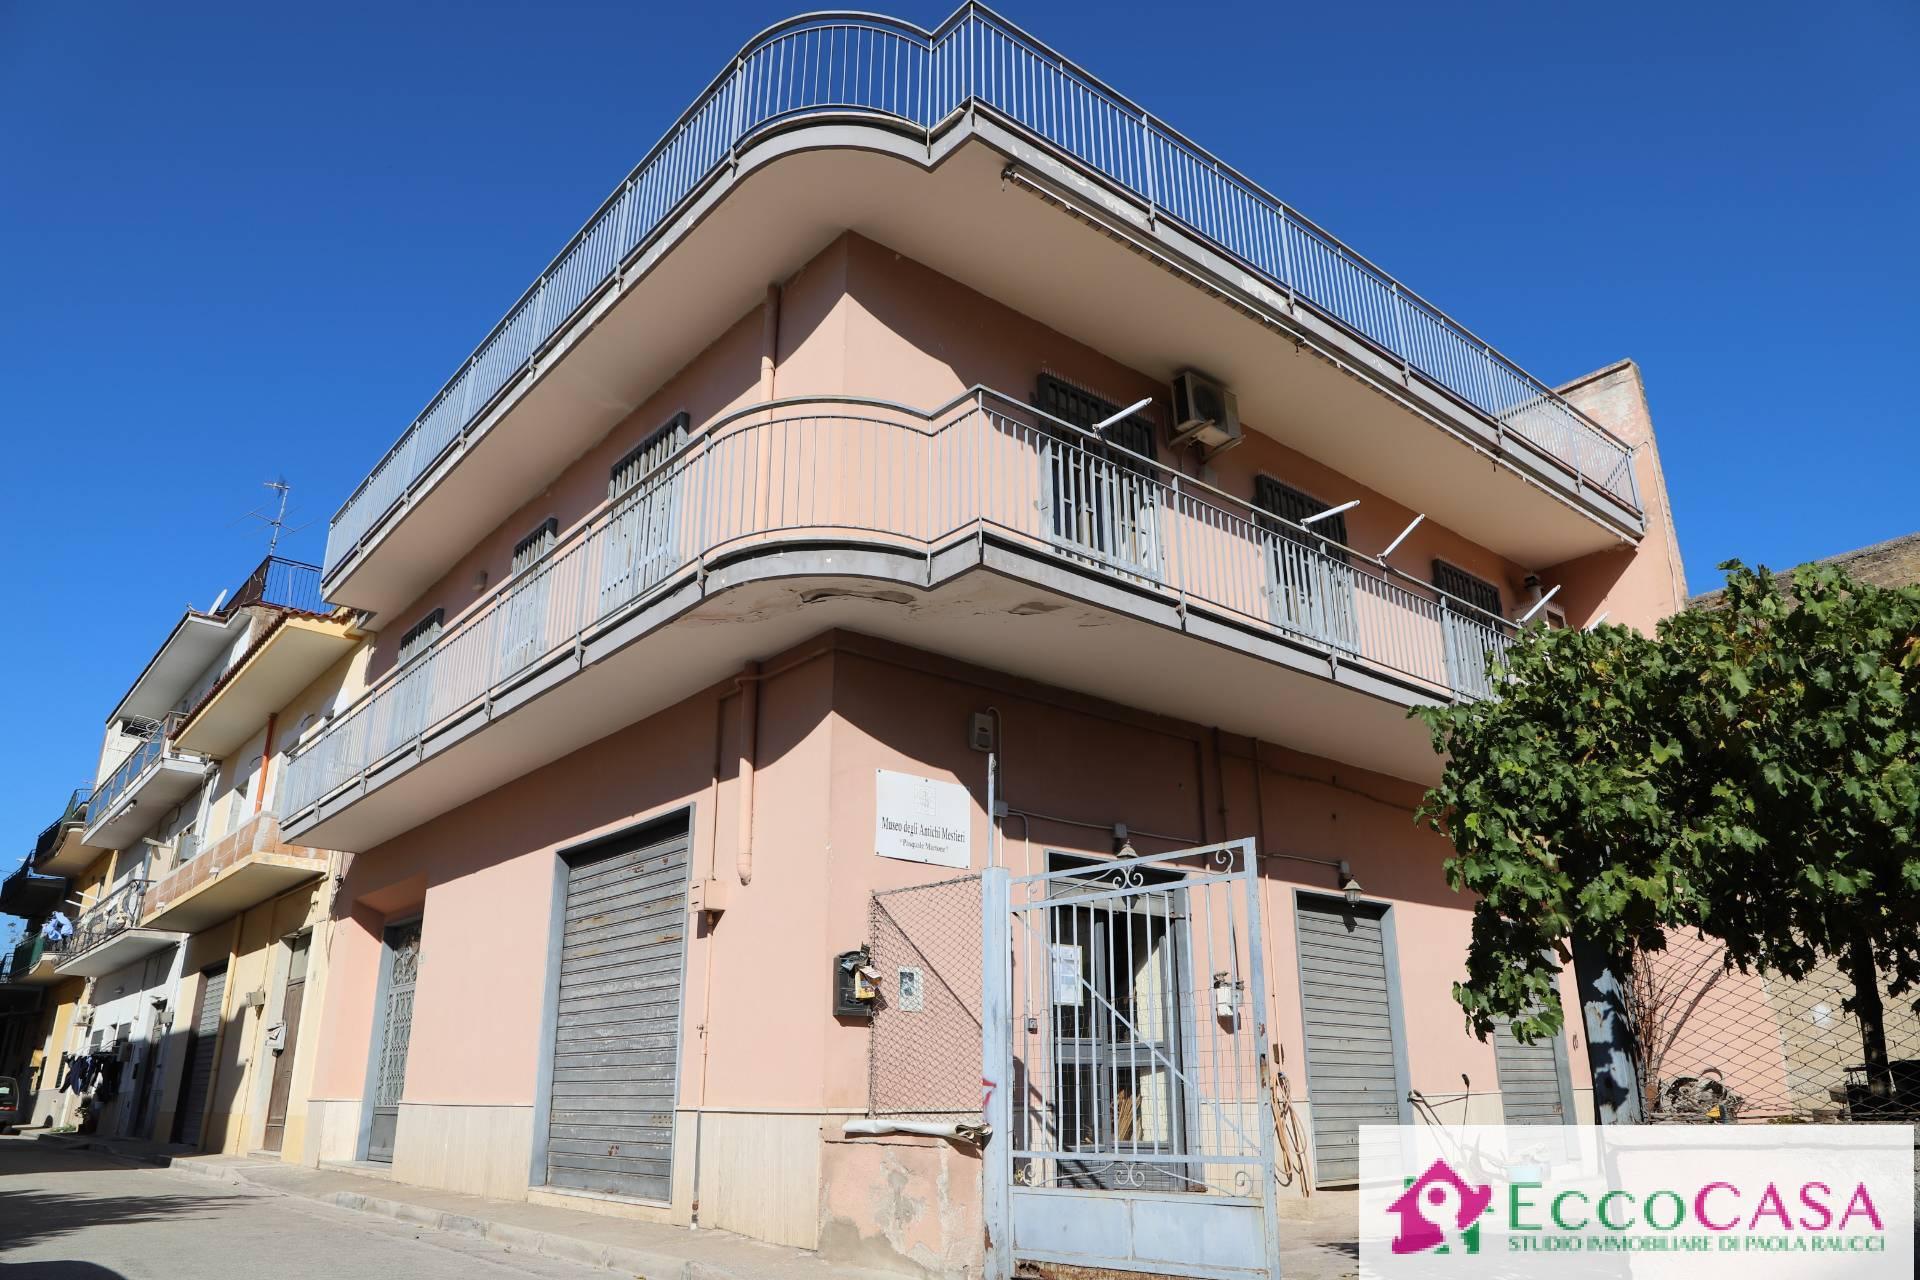 Casa indipendente in vendita a Maddaloni (CE)